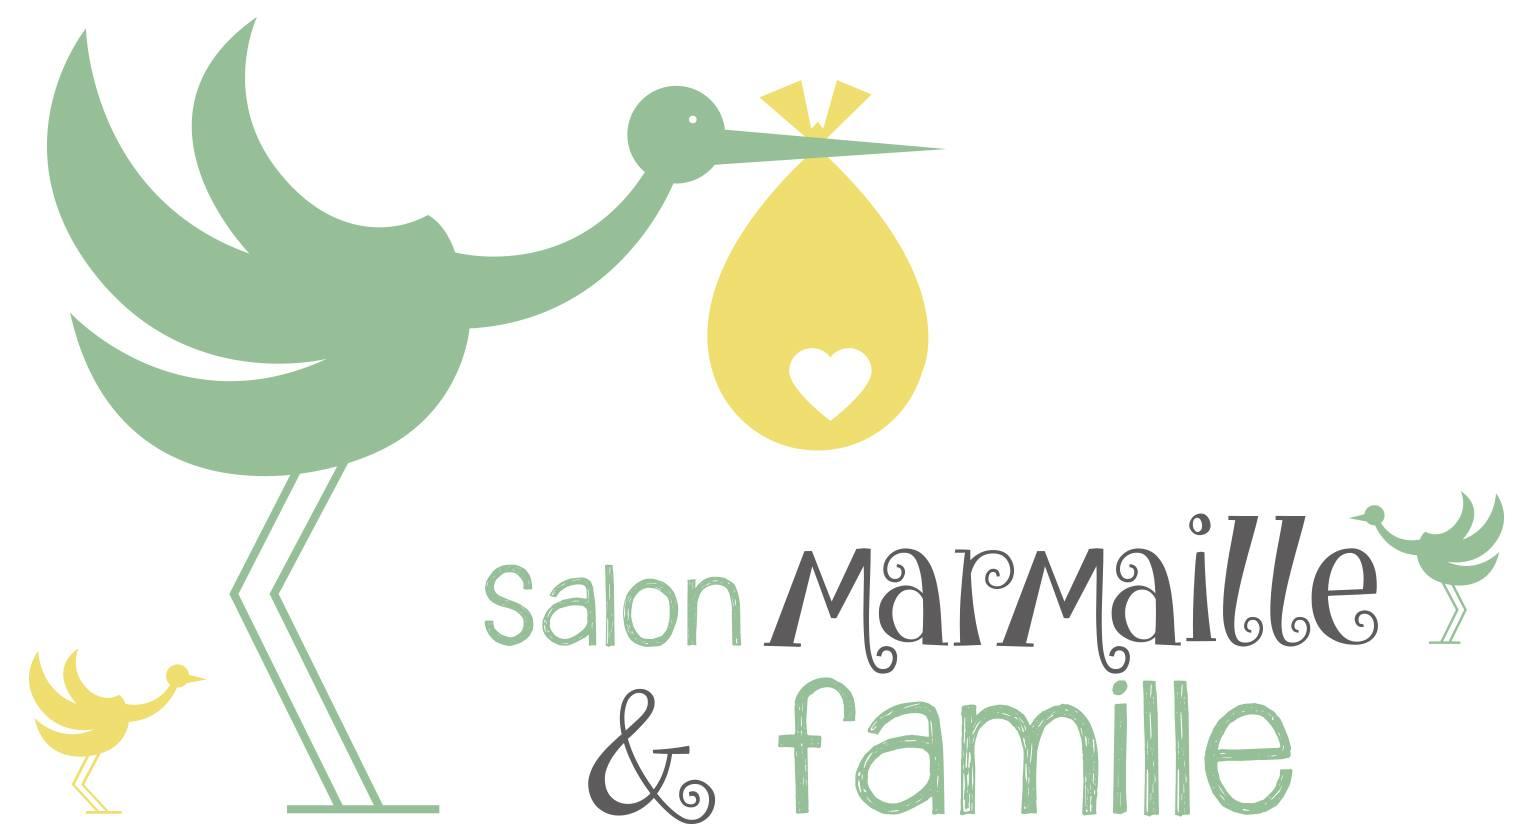 Salon Marmaille et famille - événement 2019 - Samuel Signes